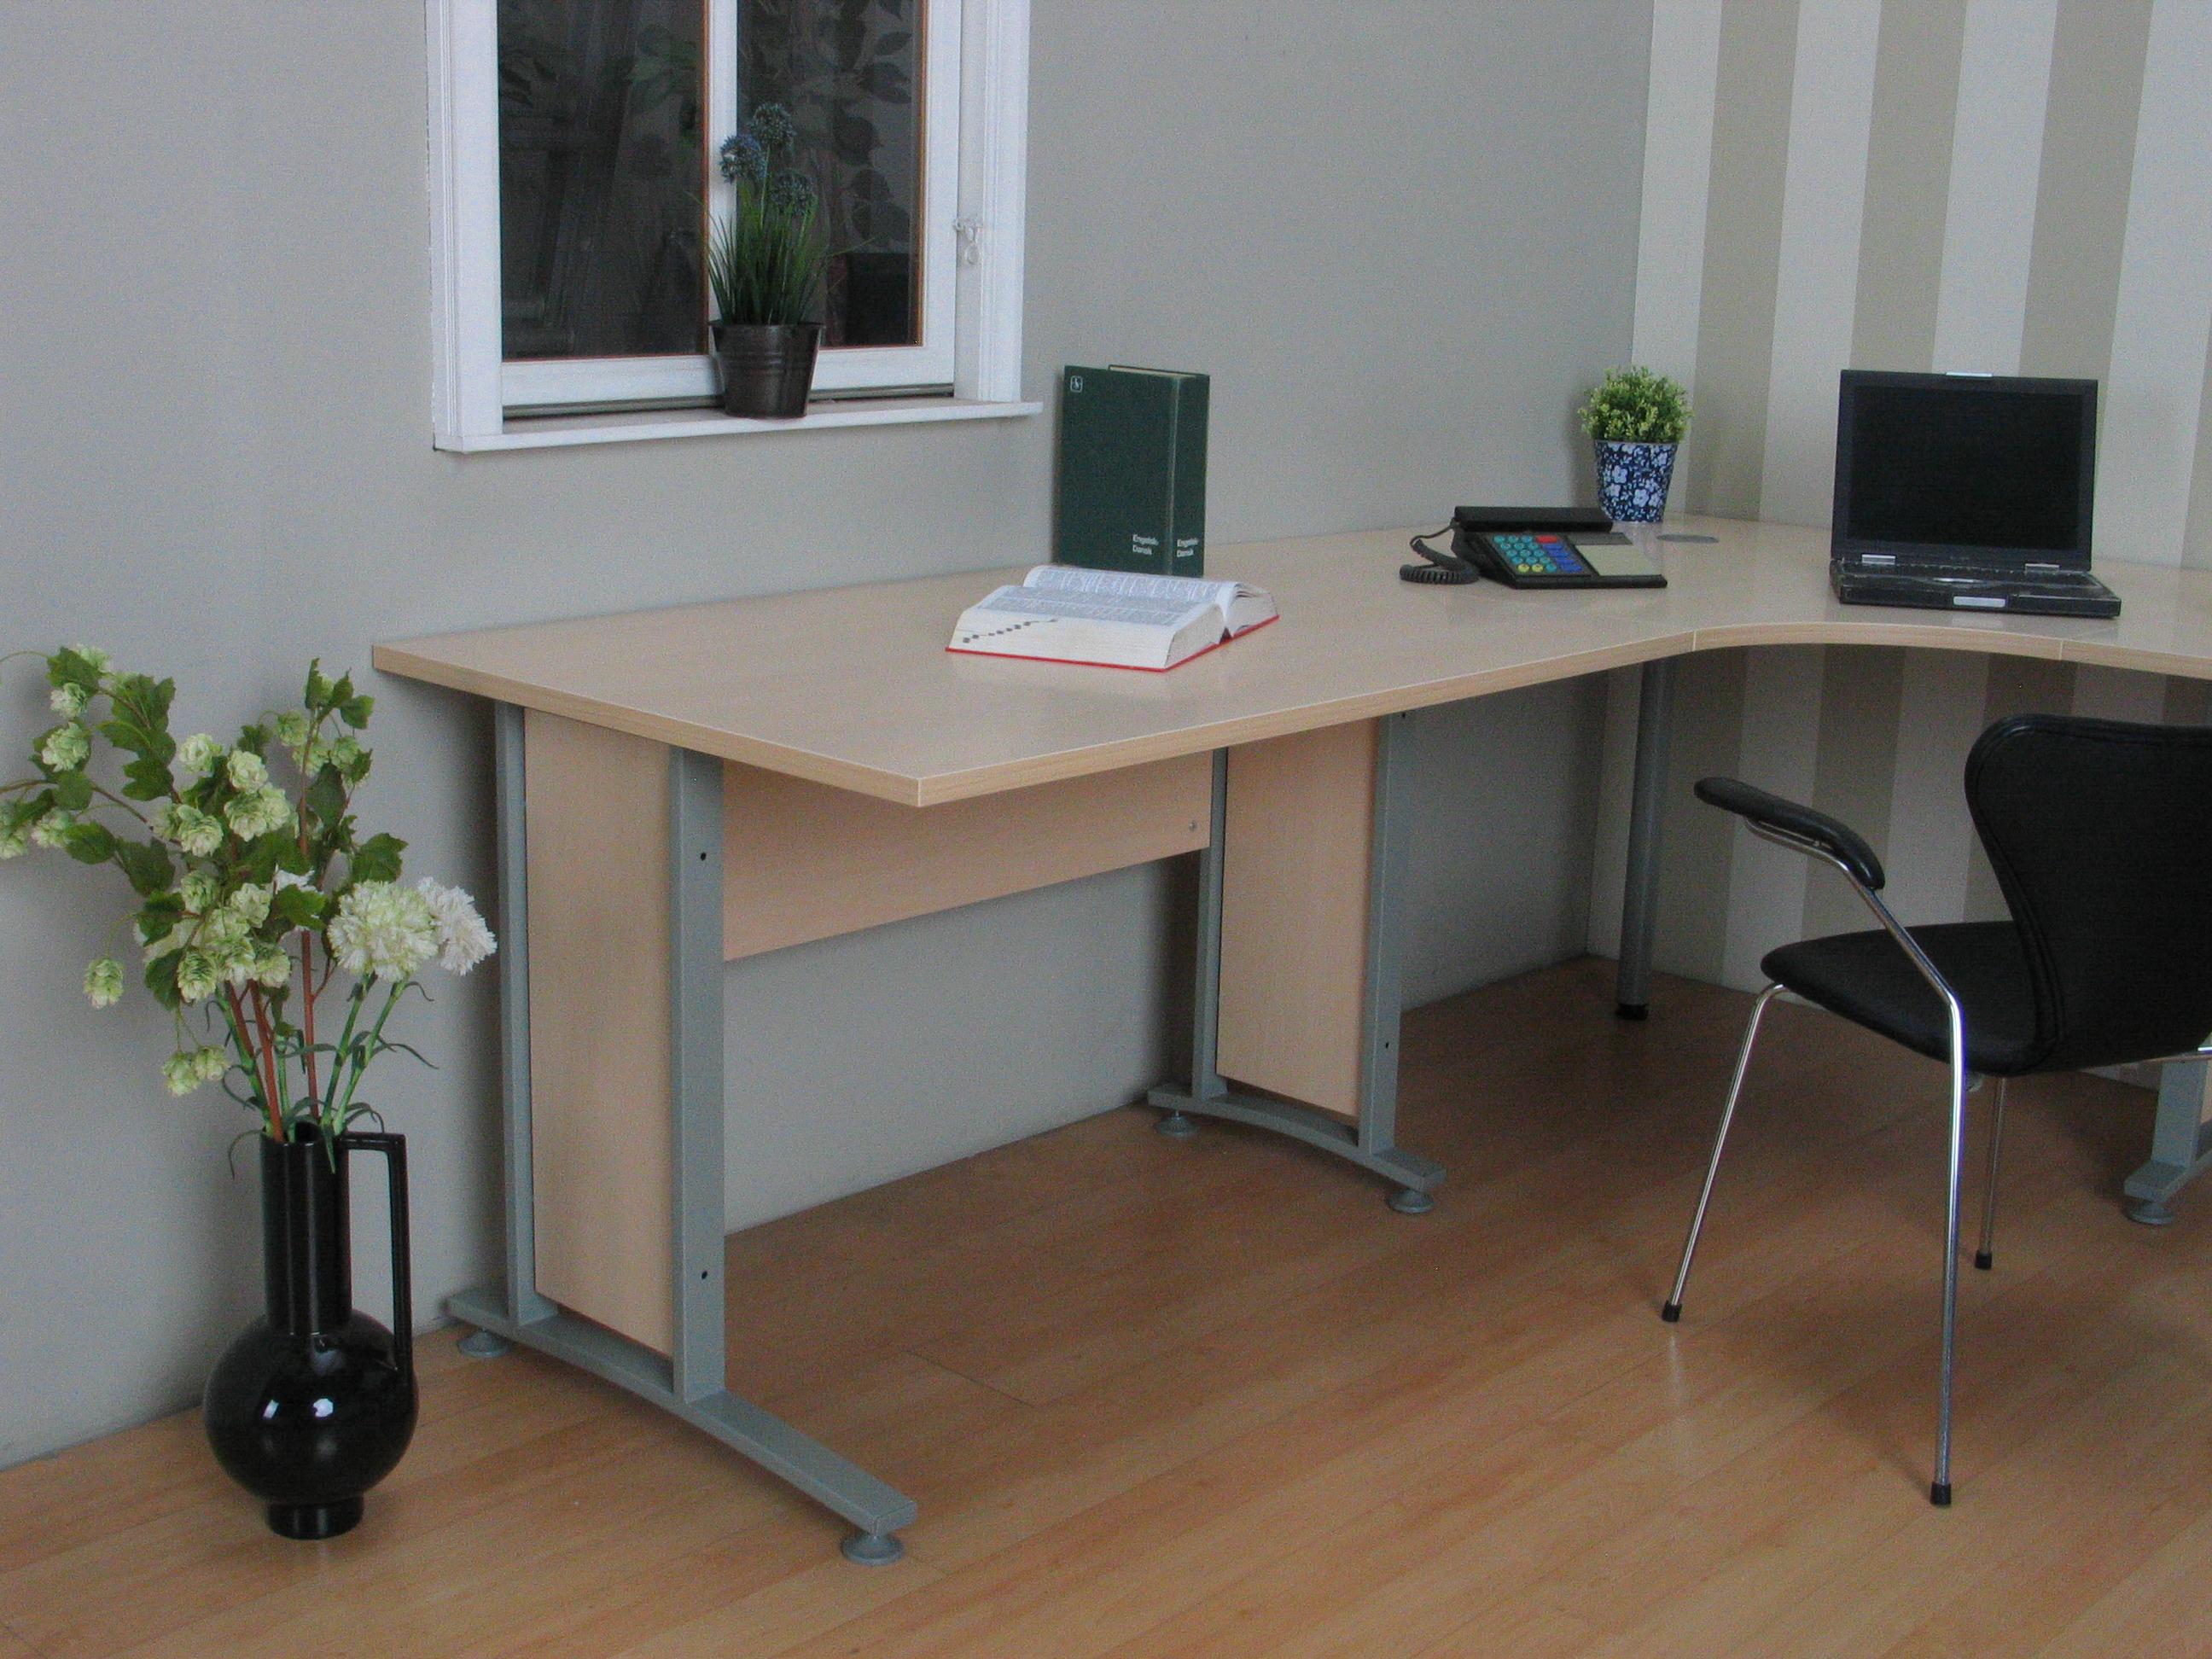 Eckschreibtisch prima schreibtisch computertisch tisch for Pc tisch ahorn